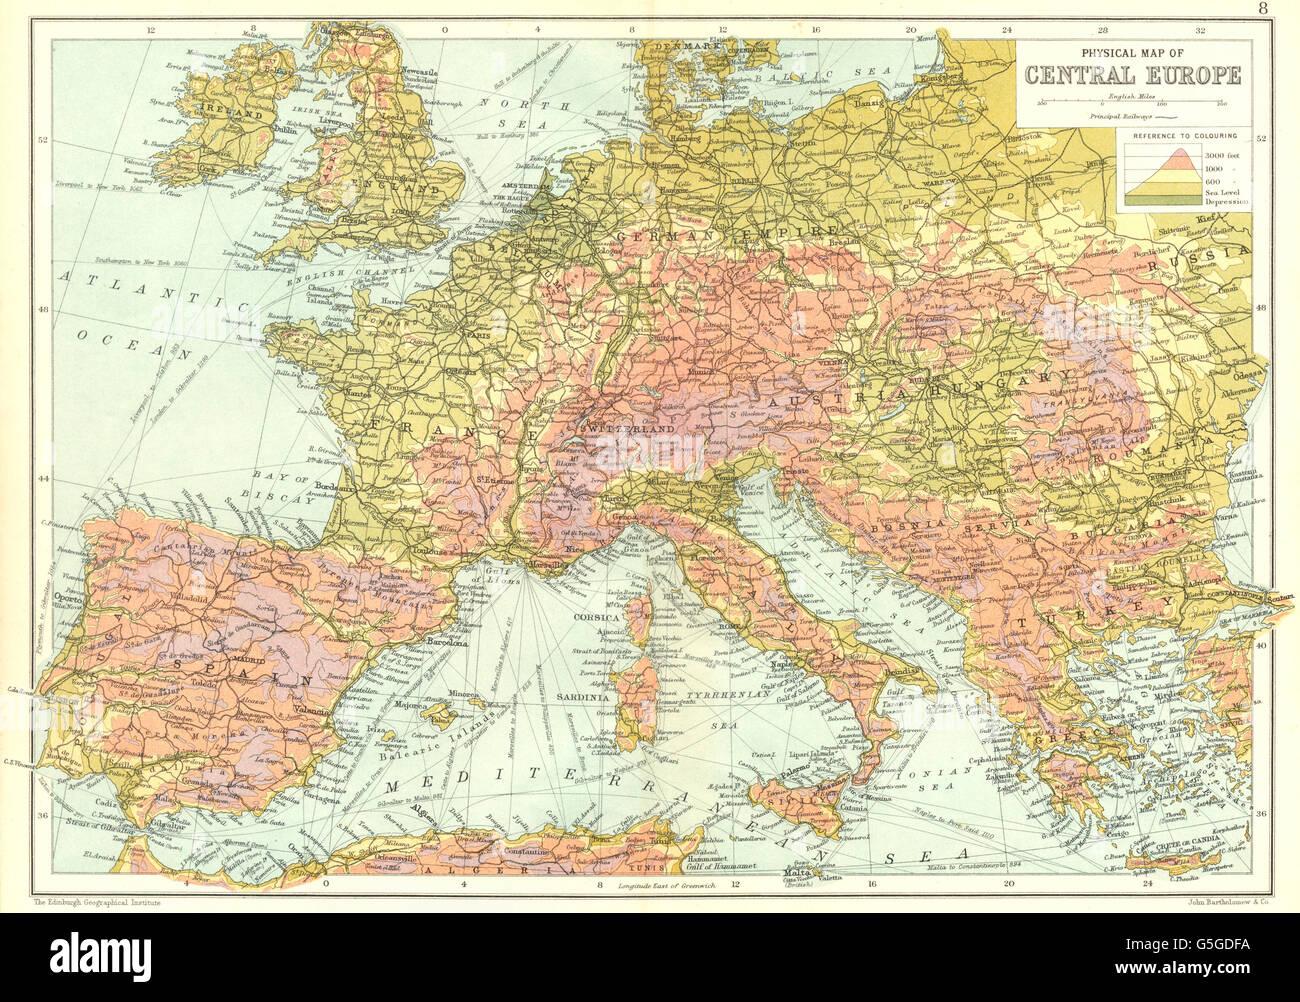 Cartina Geografica Europa Centrale.Europa Cartina Fisica Dell Europa Centrale Altitudine Di Elevazione 1909 Foto Stock Alamy